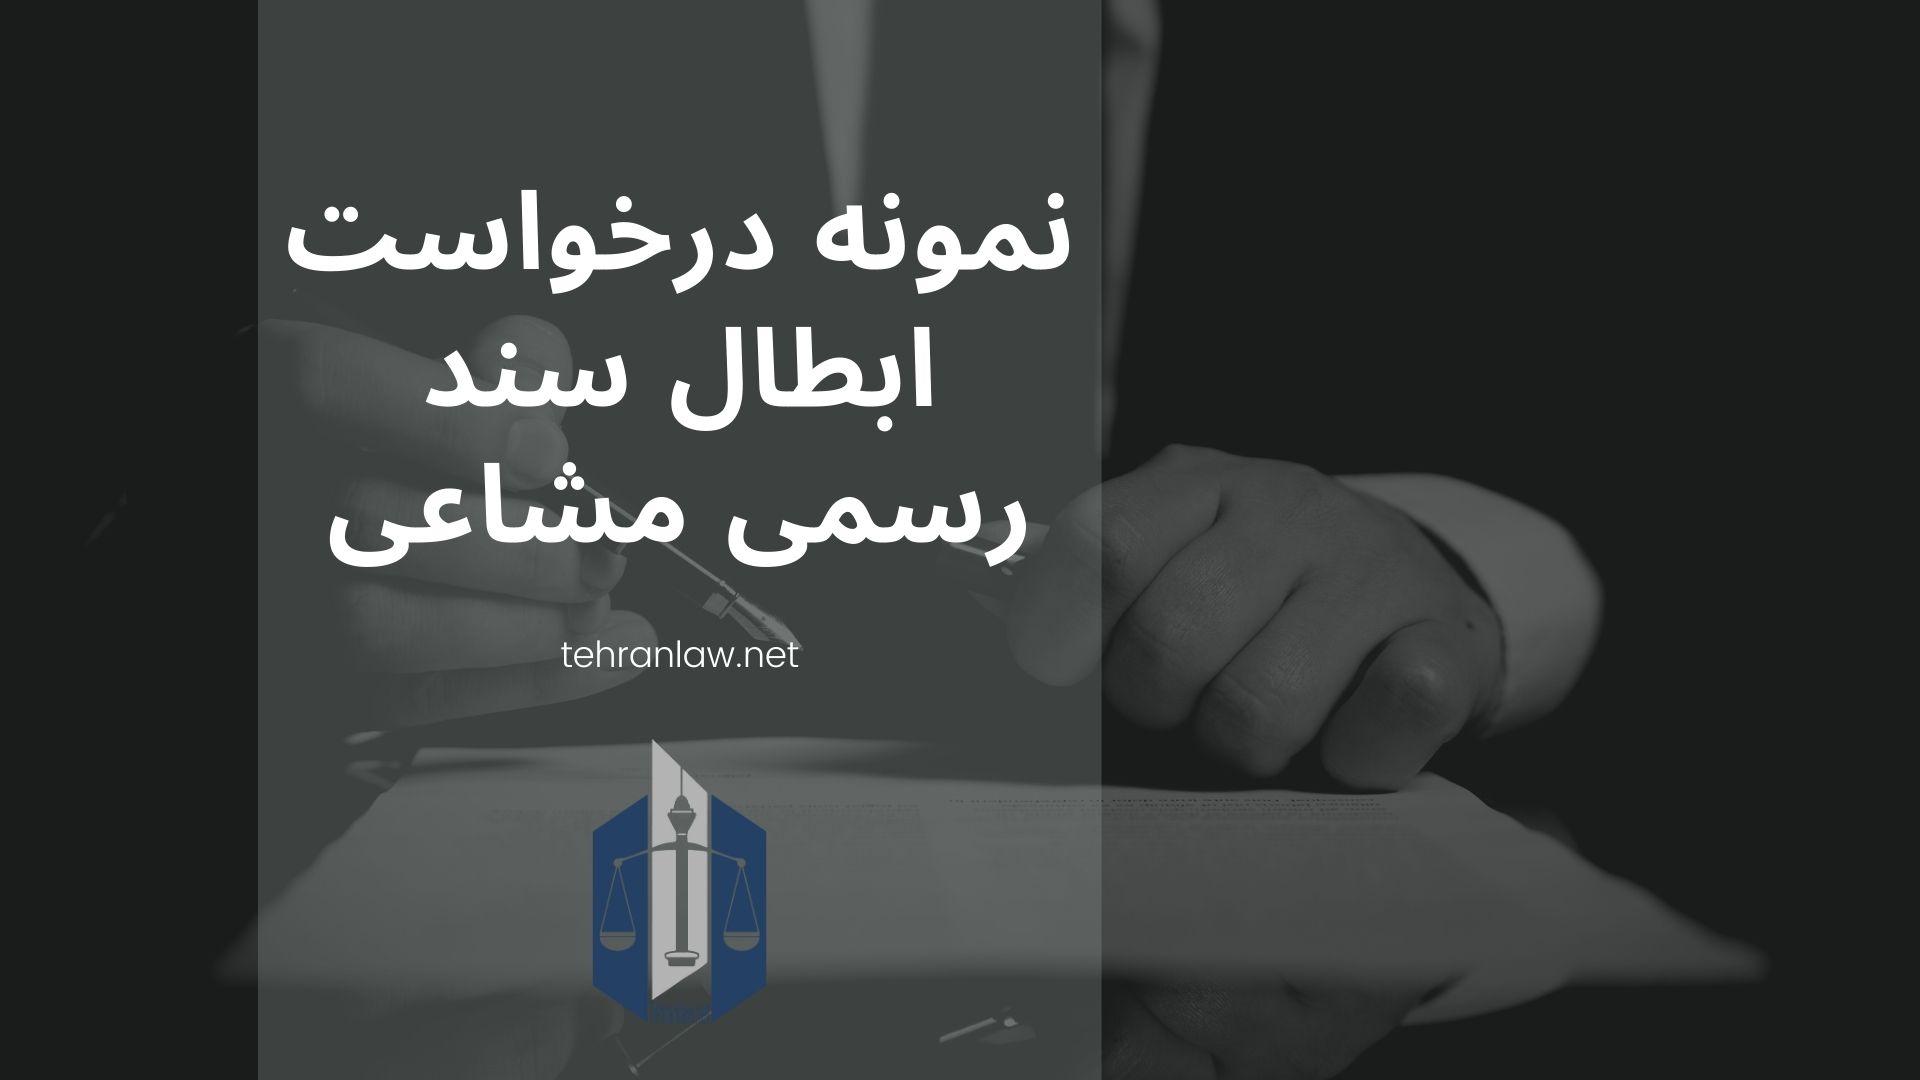 نمونه درخواست ابطال سند رسمی مشاعی